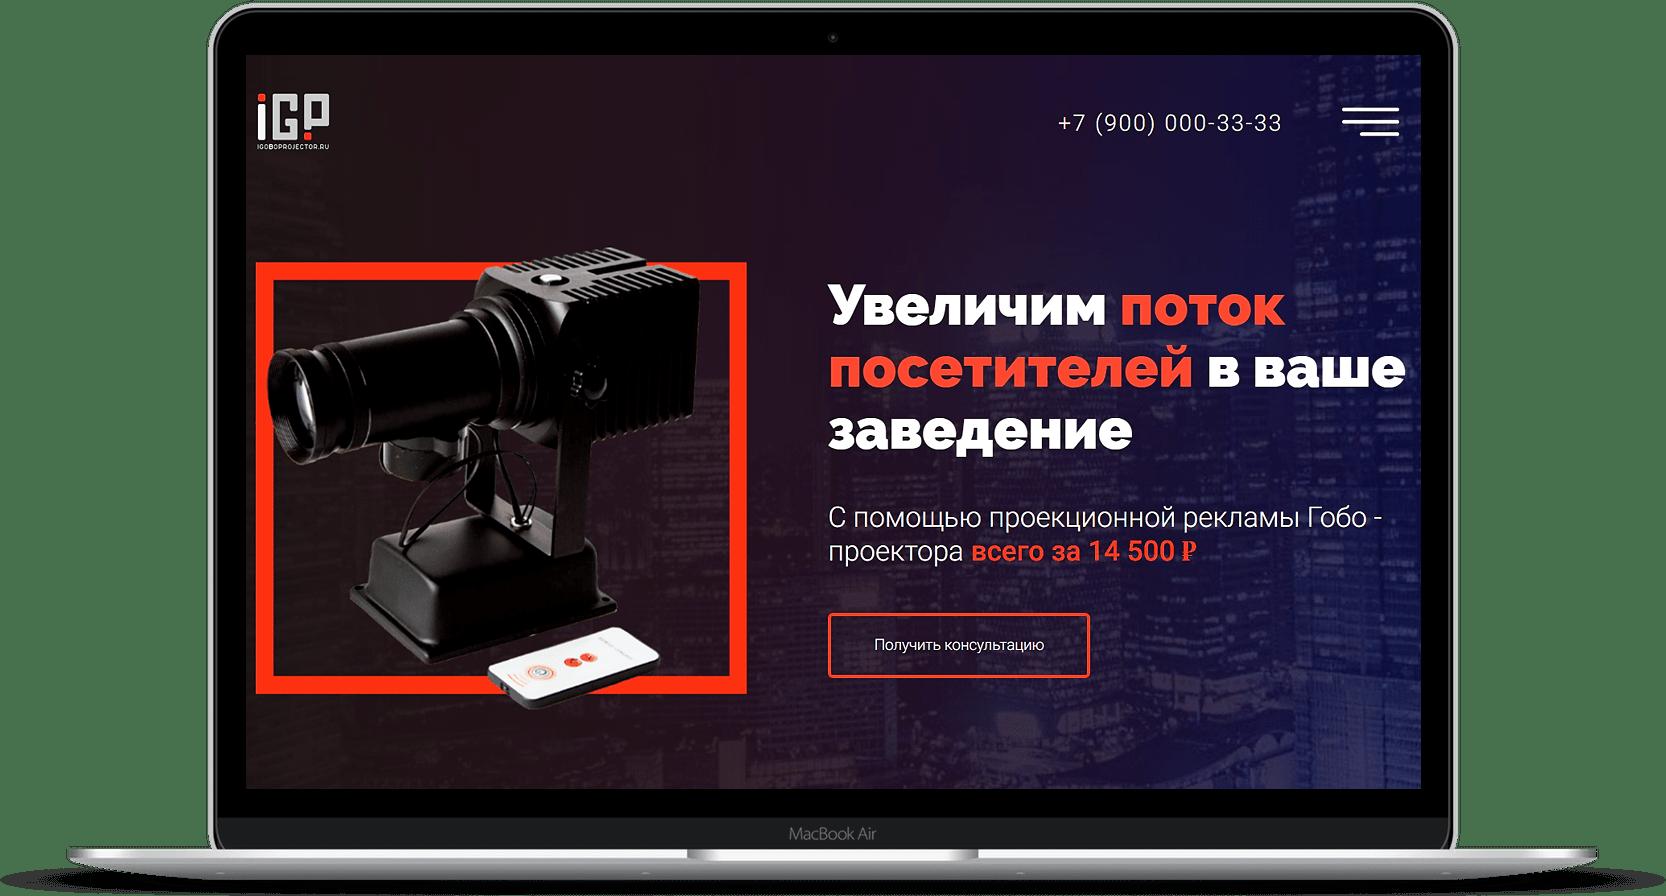 Сайт по продаже проекторов